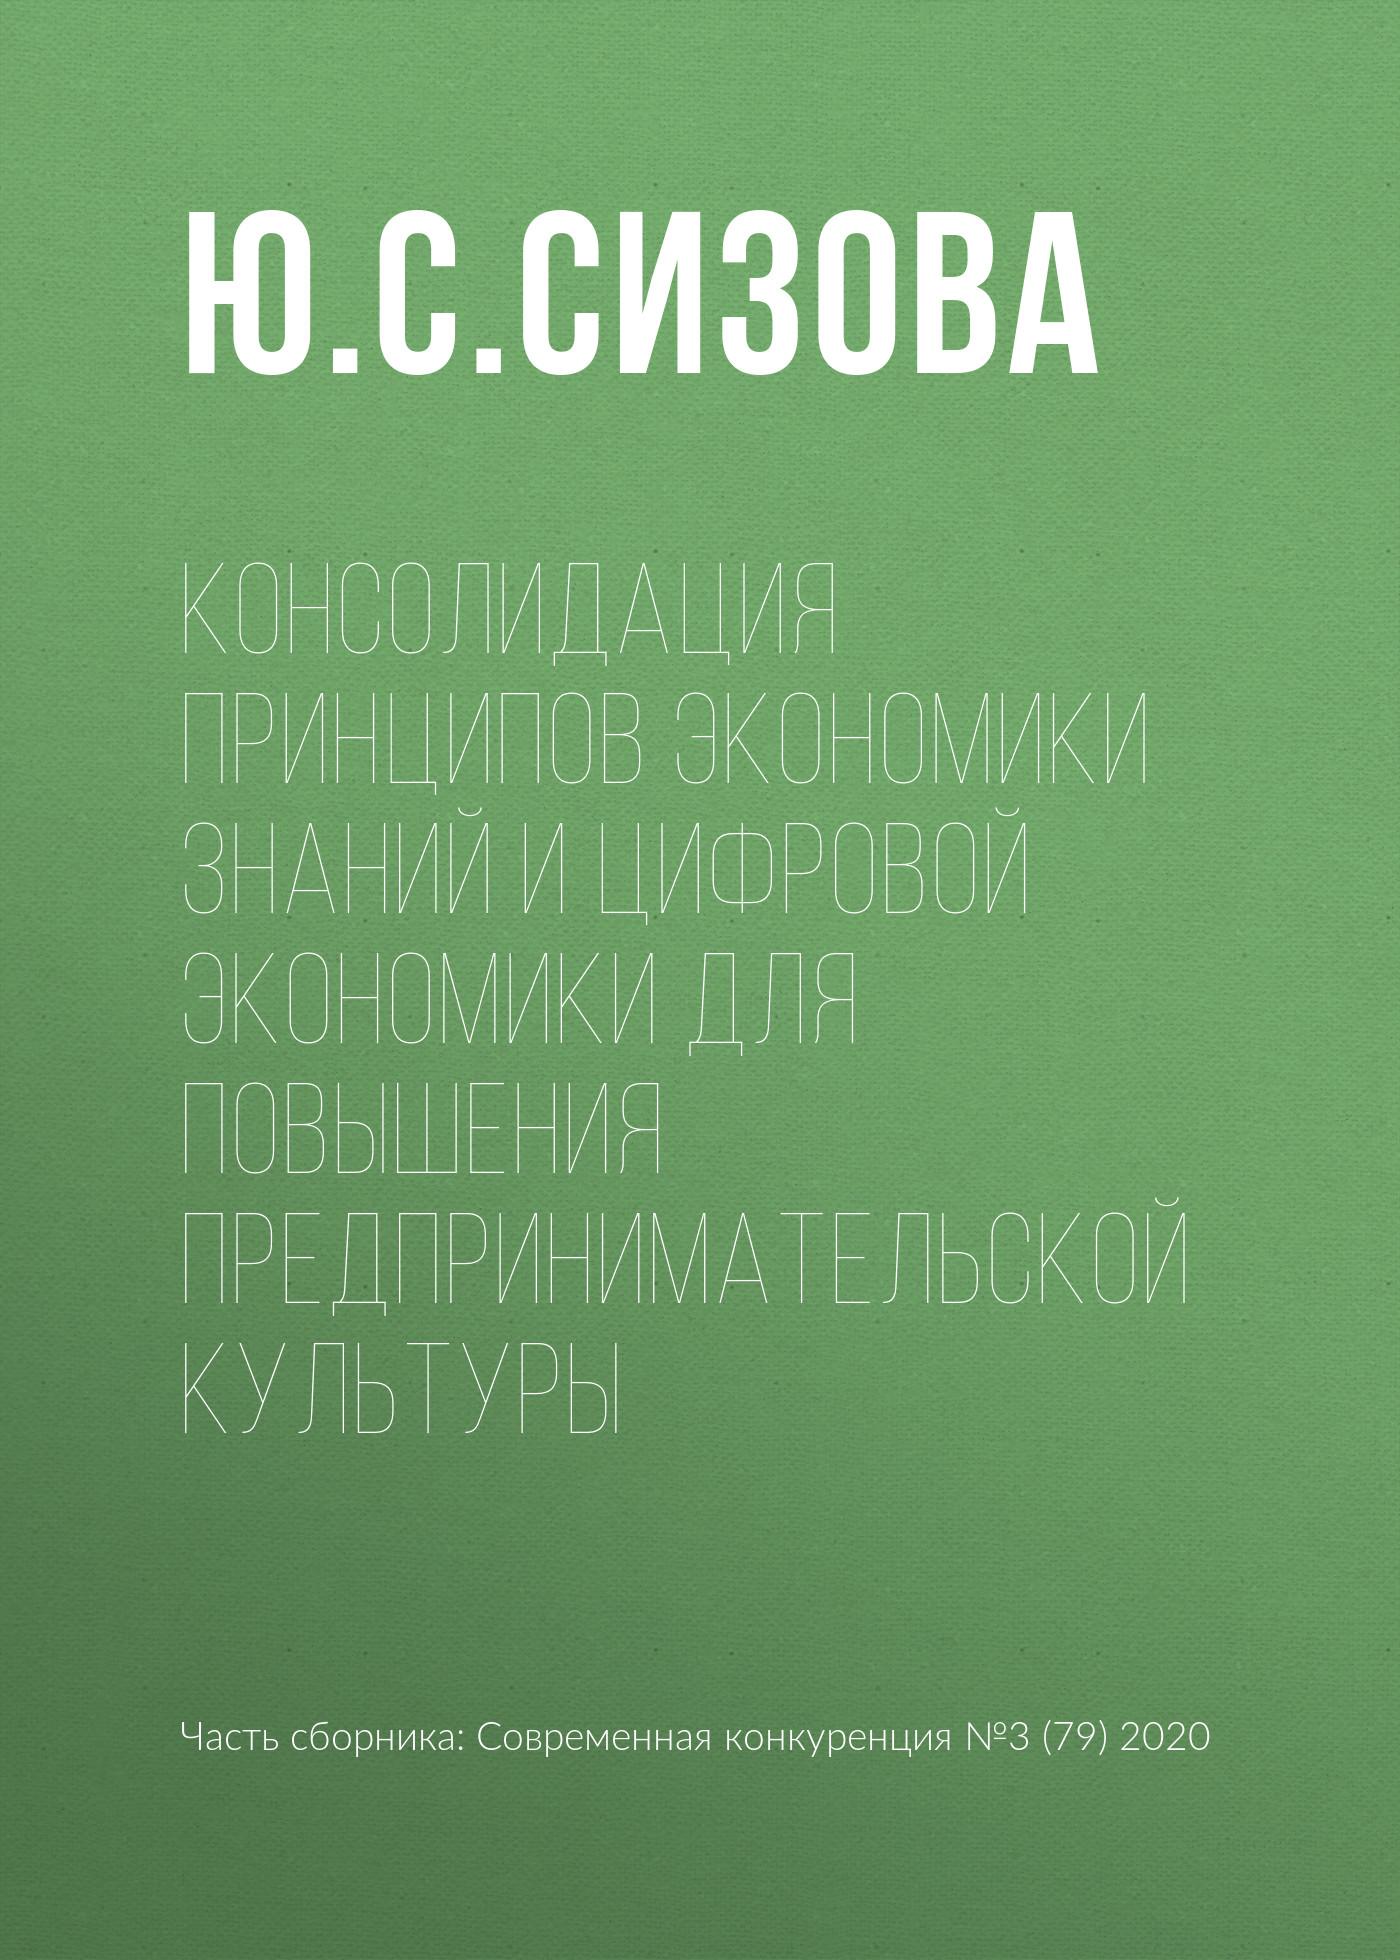 Купить книгу Консолидация принципов экономики знаний и цифровой экономики для повышения предпринимательской культуры, автора Ю. С. Сизовой